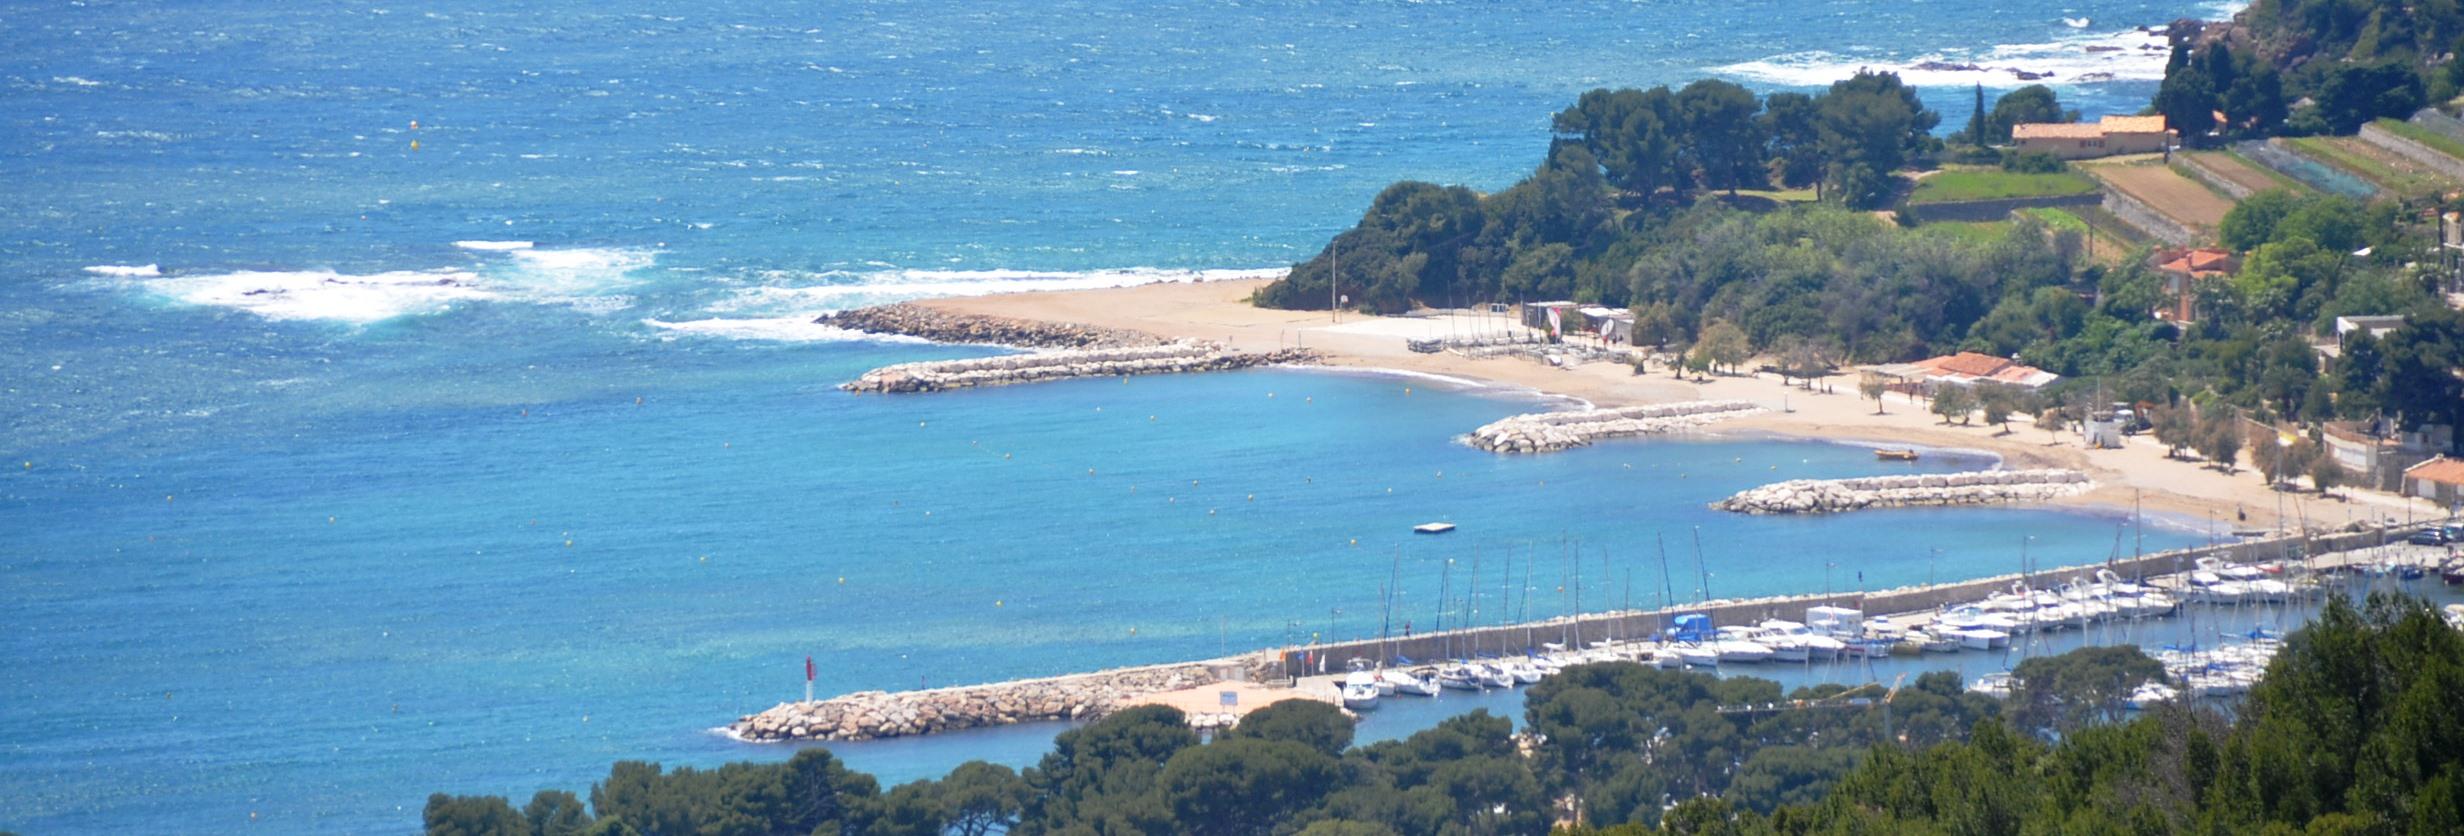 Vente appartement de standing neuf proche plage carqueiranne vente appartement - Coiffeur du port carqueiranne ...